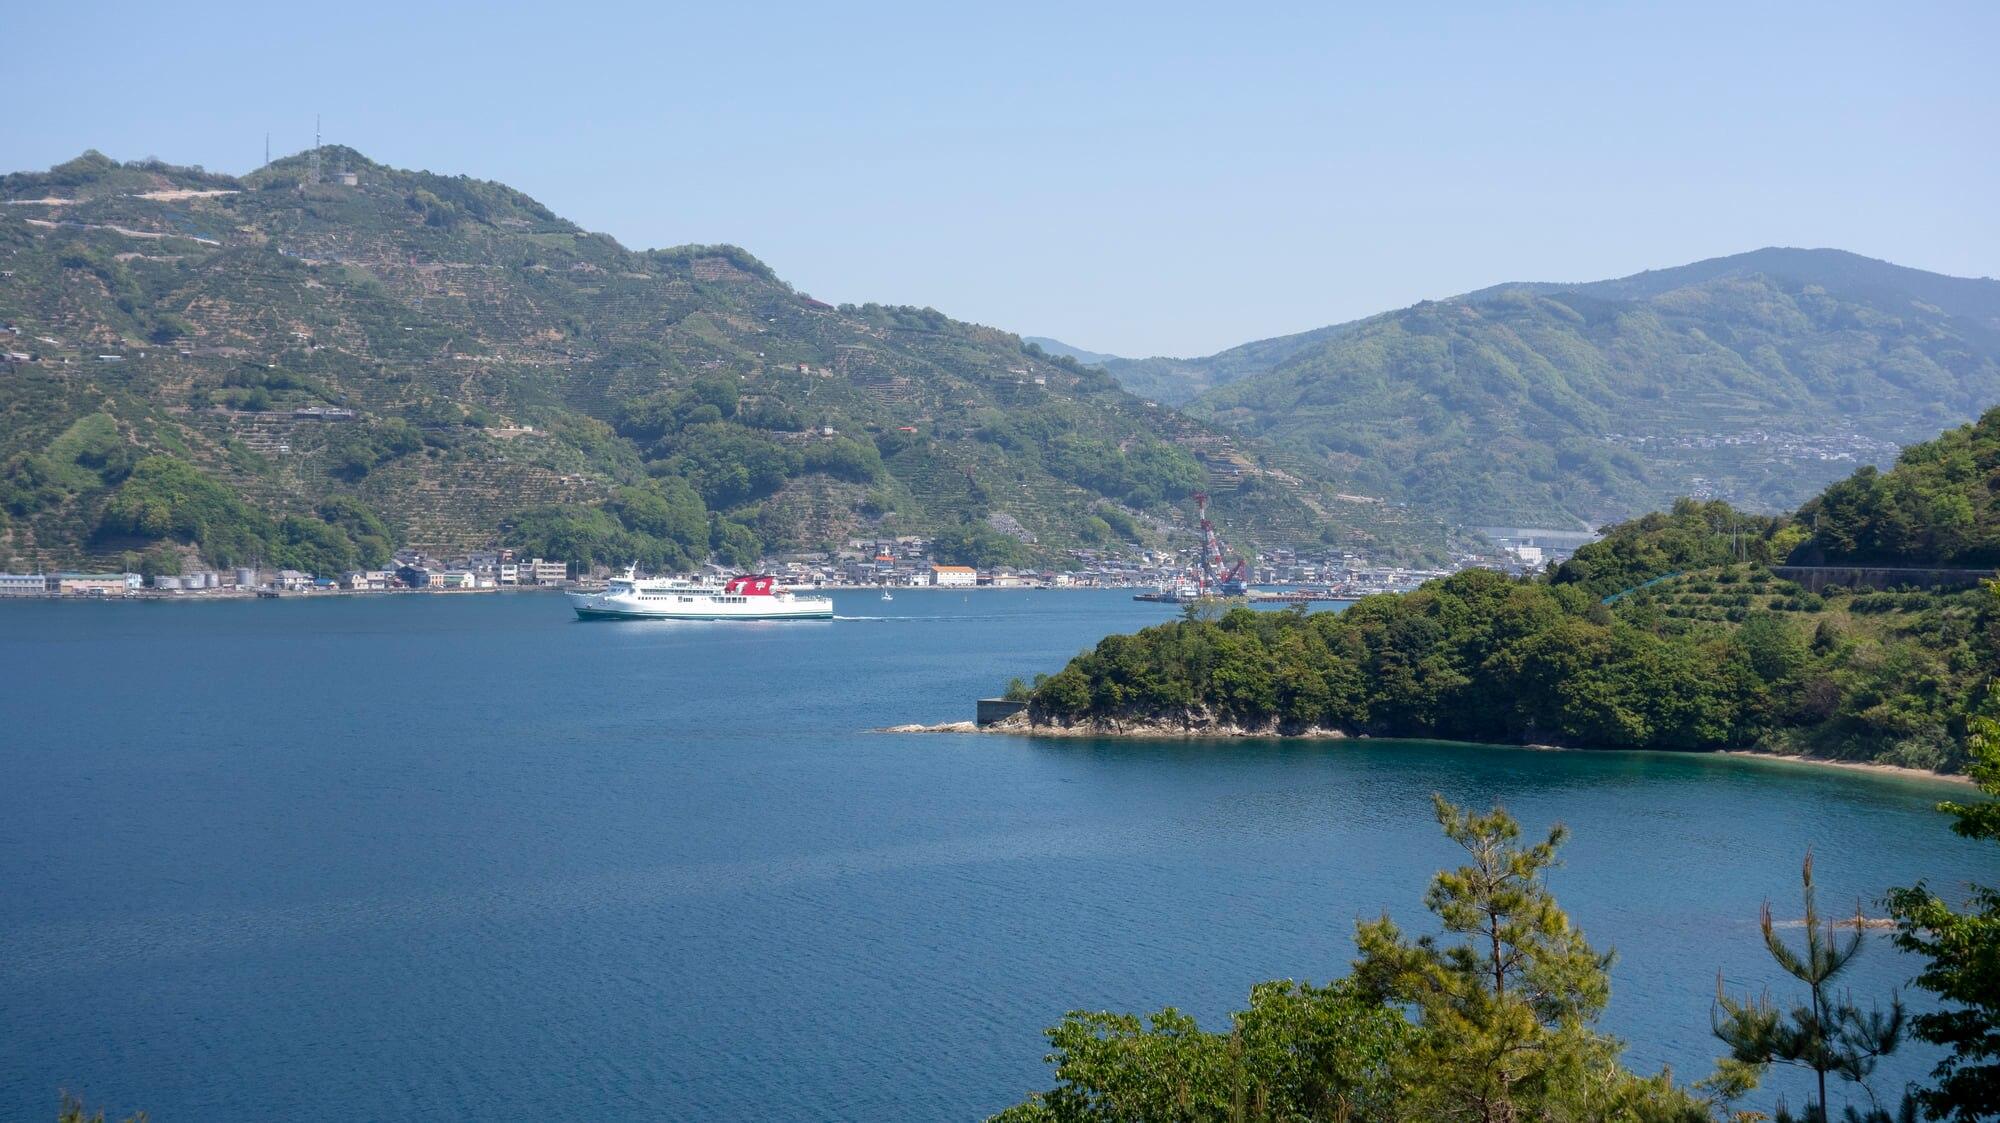 九州から四国まで行くなら宇和島運輸のフェリーがおすすめ!